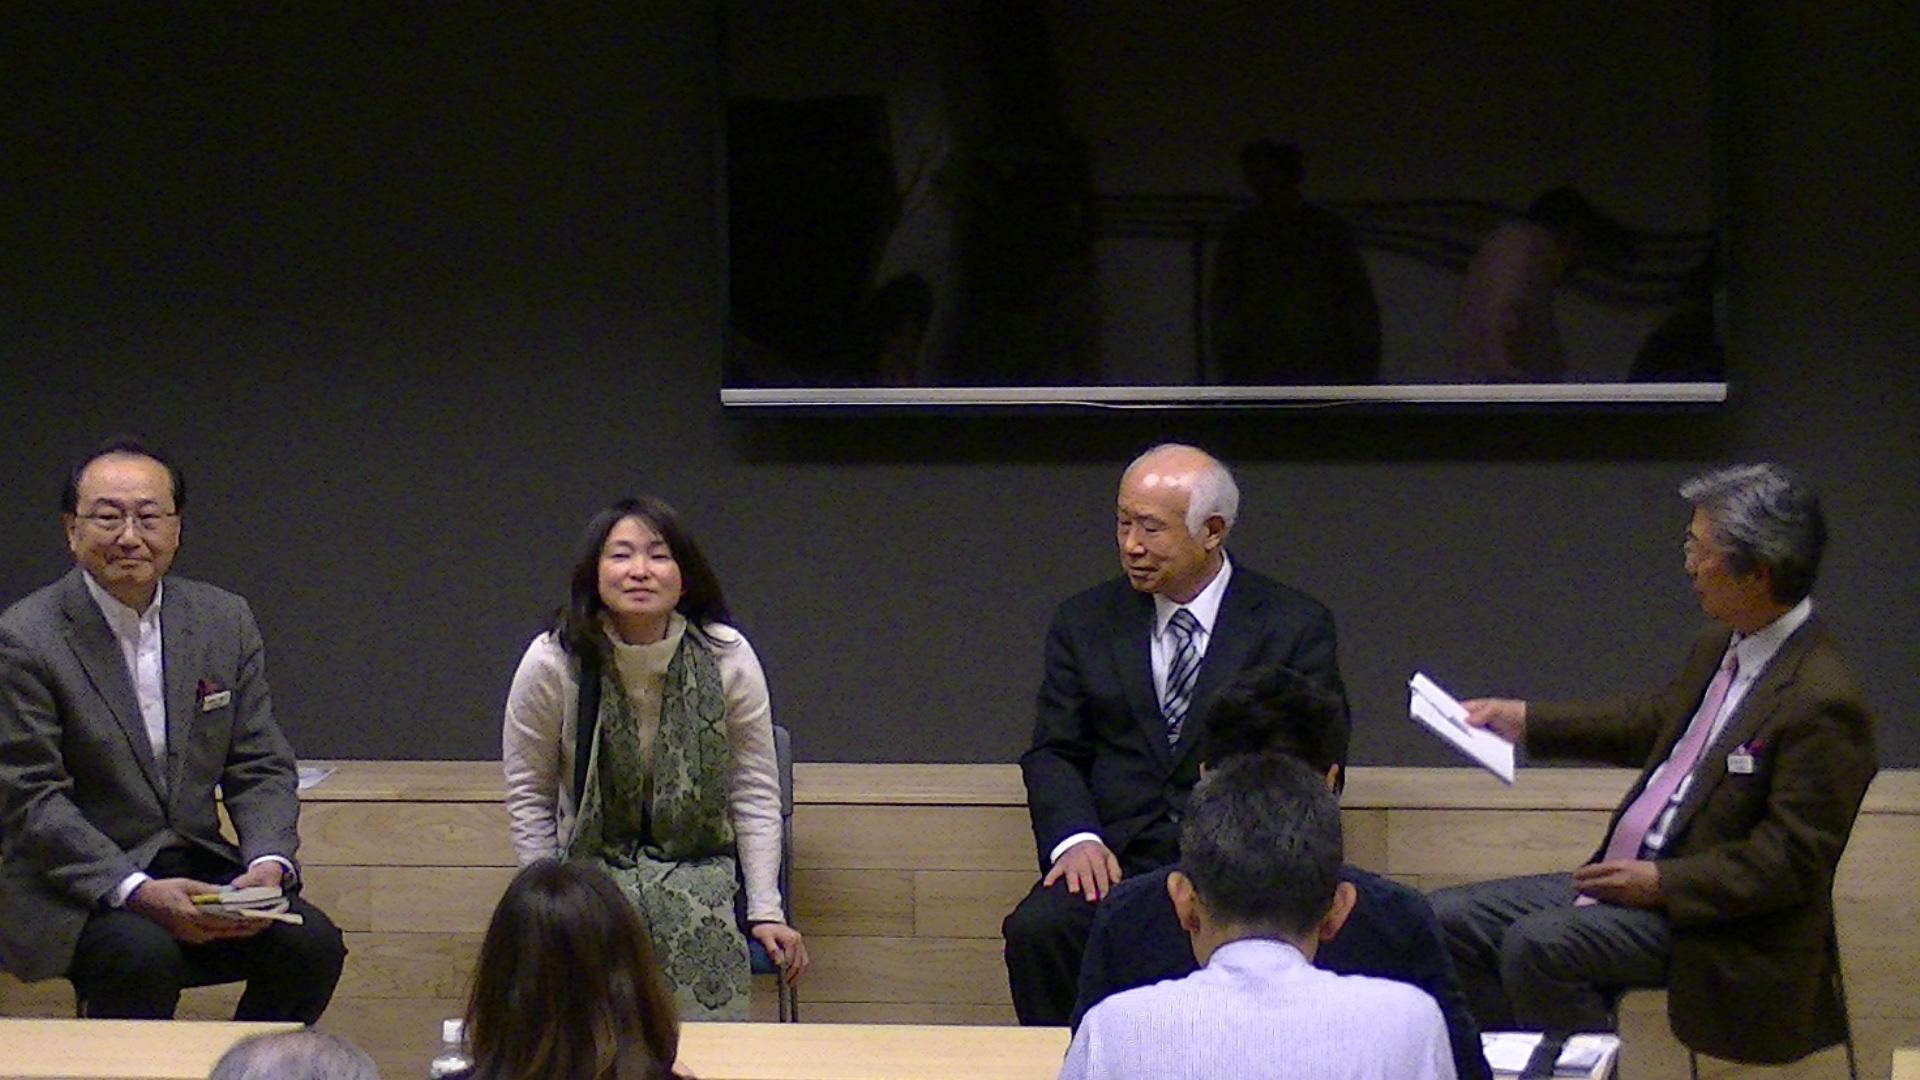 PIC 0538 1 - 平成30年度 東京思風塾 4月7日(土)「時代が問題をつくり、問題が人物をつくる」